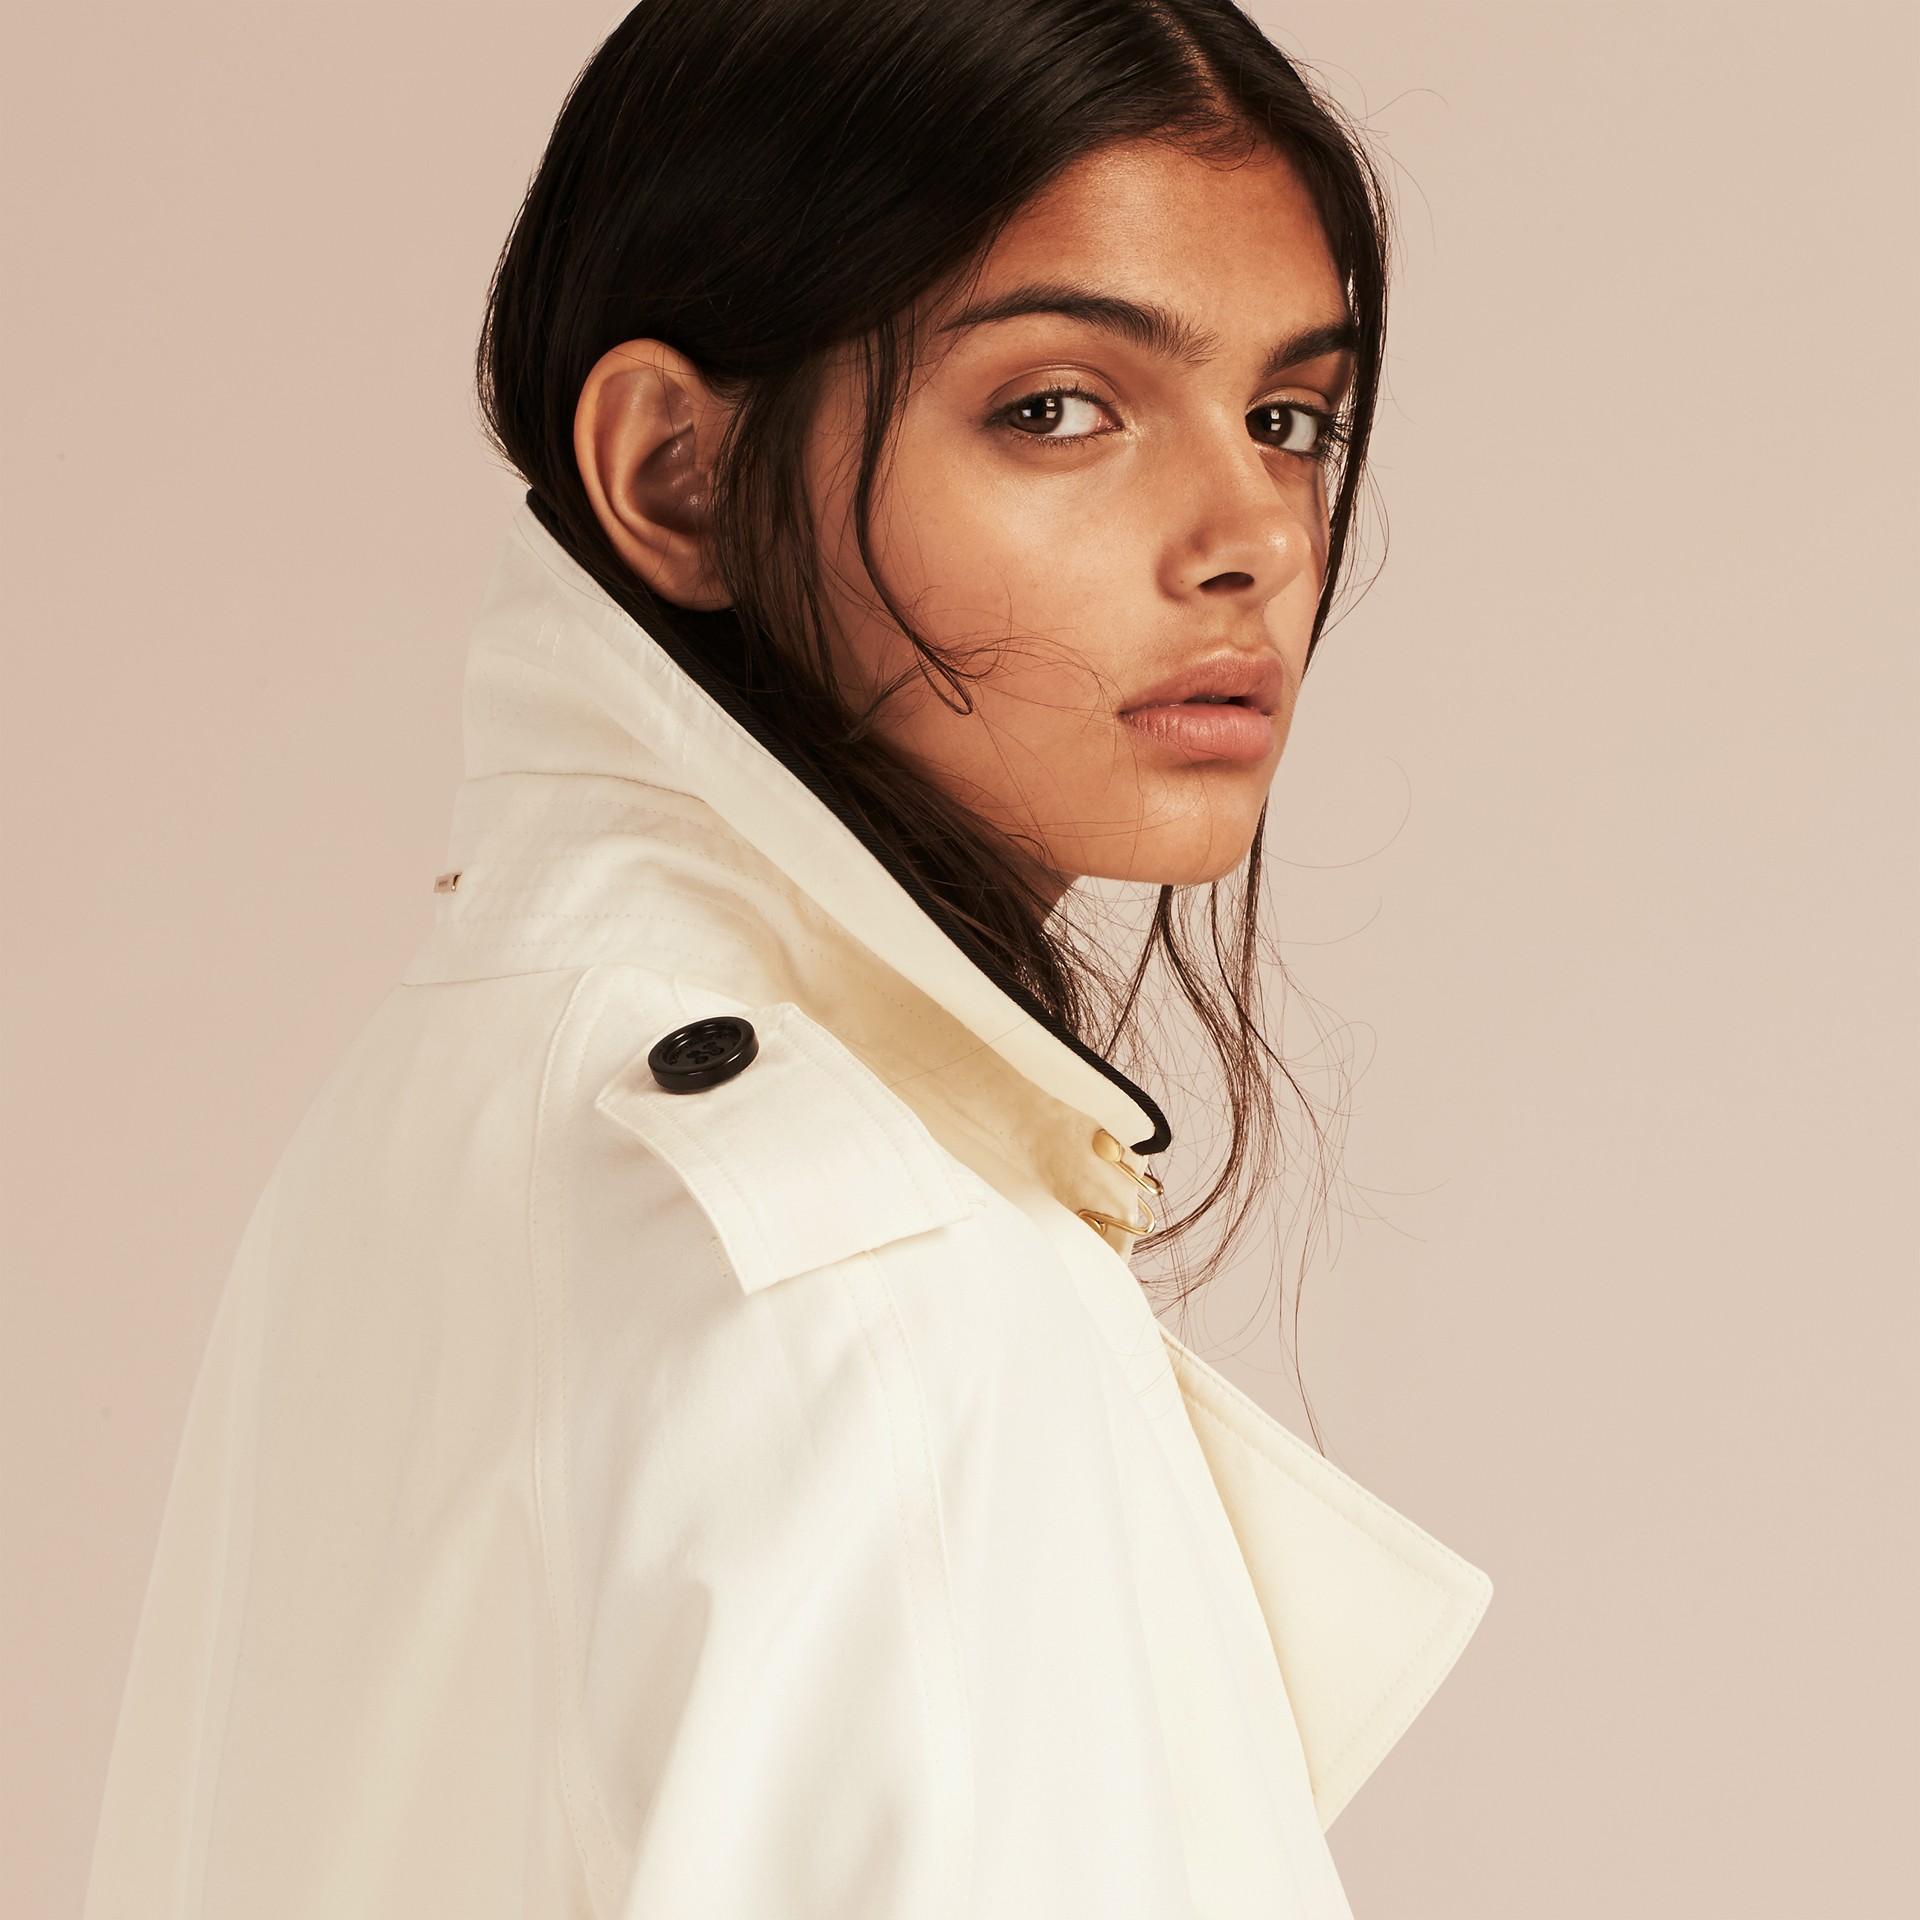 Parchemin Trench-coat en soie avec détails oversize Parchemin - photo de la galerie 5